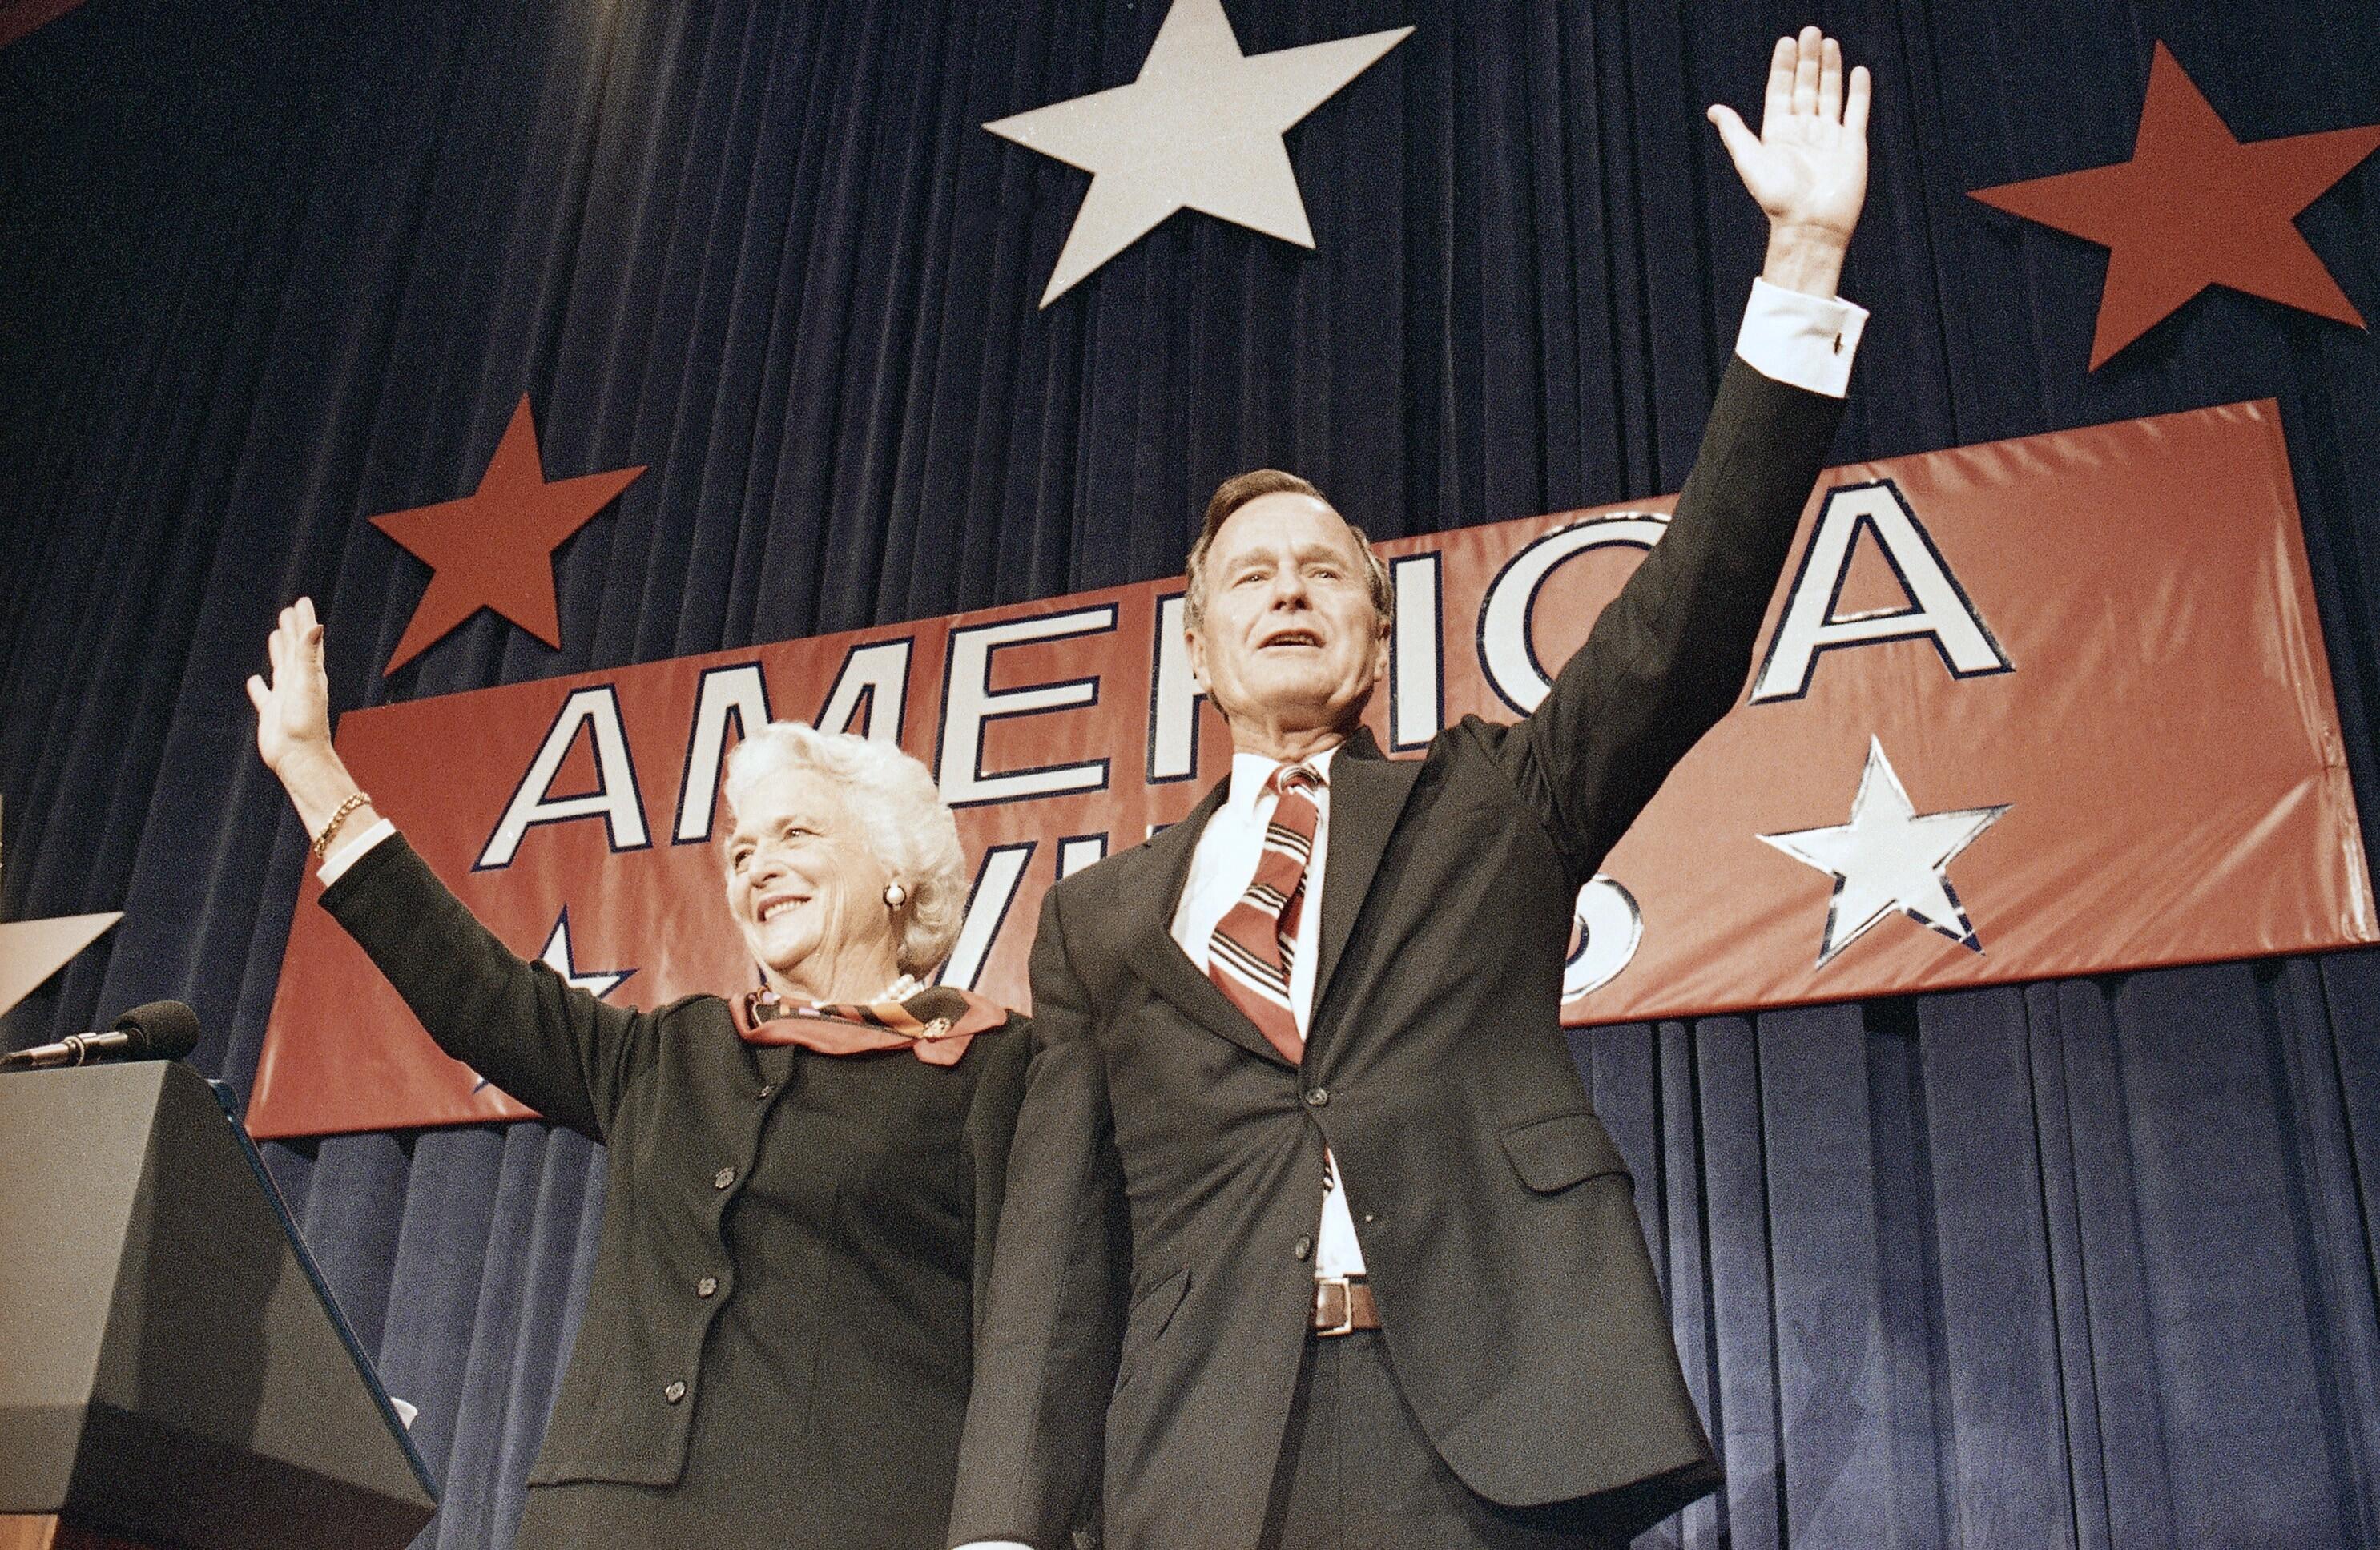 布什胜利集会